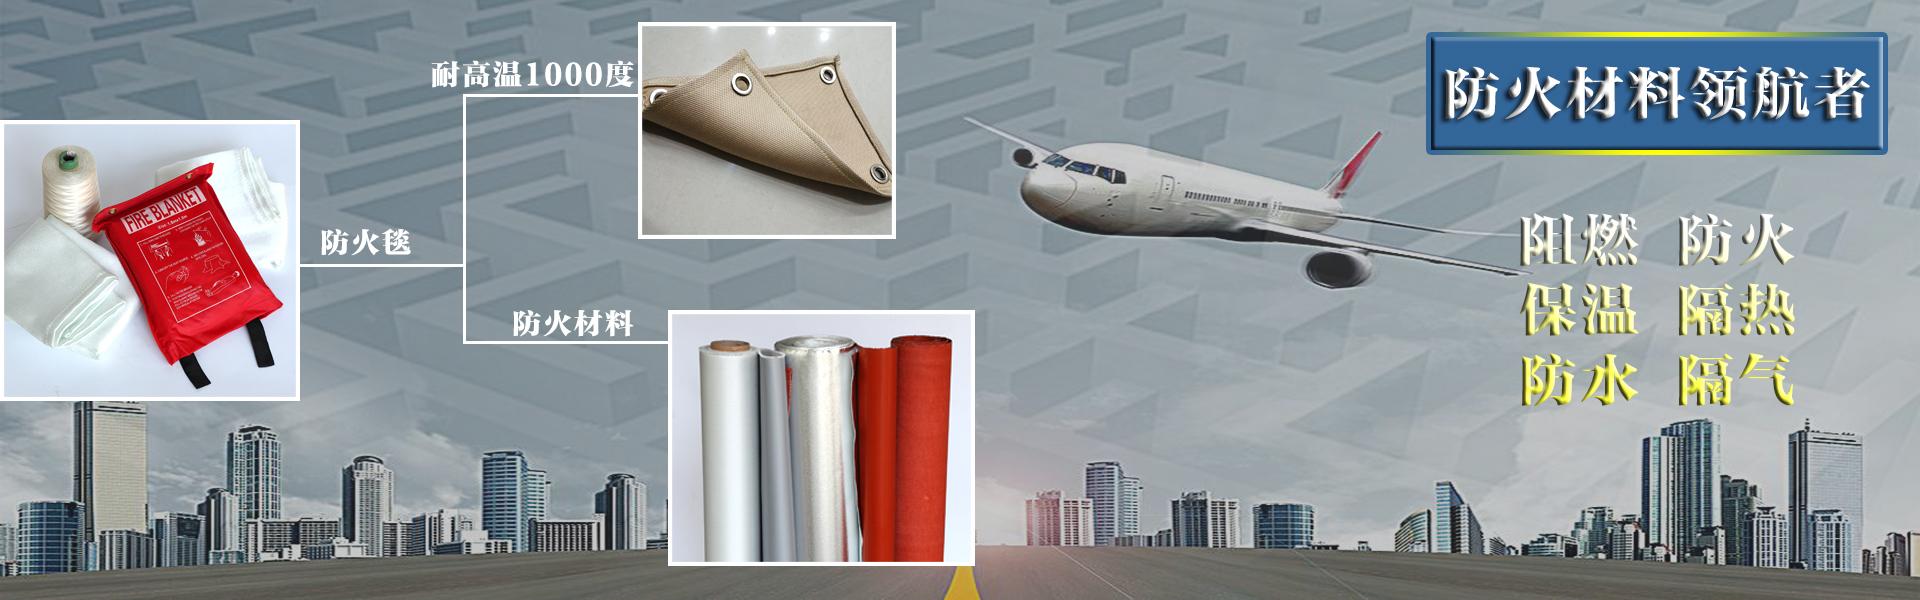 鋁箔布-硅膠布廠家-常熟天巨防火新材料科技有限公司